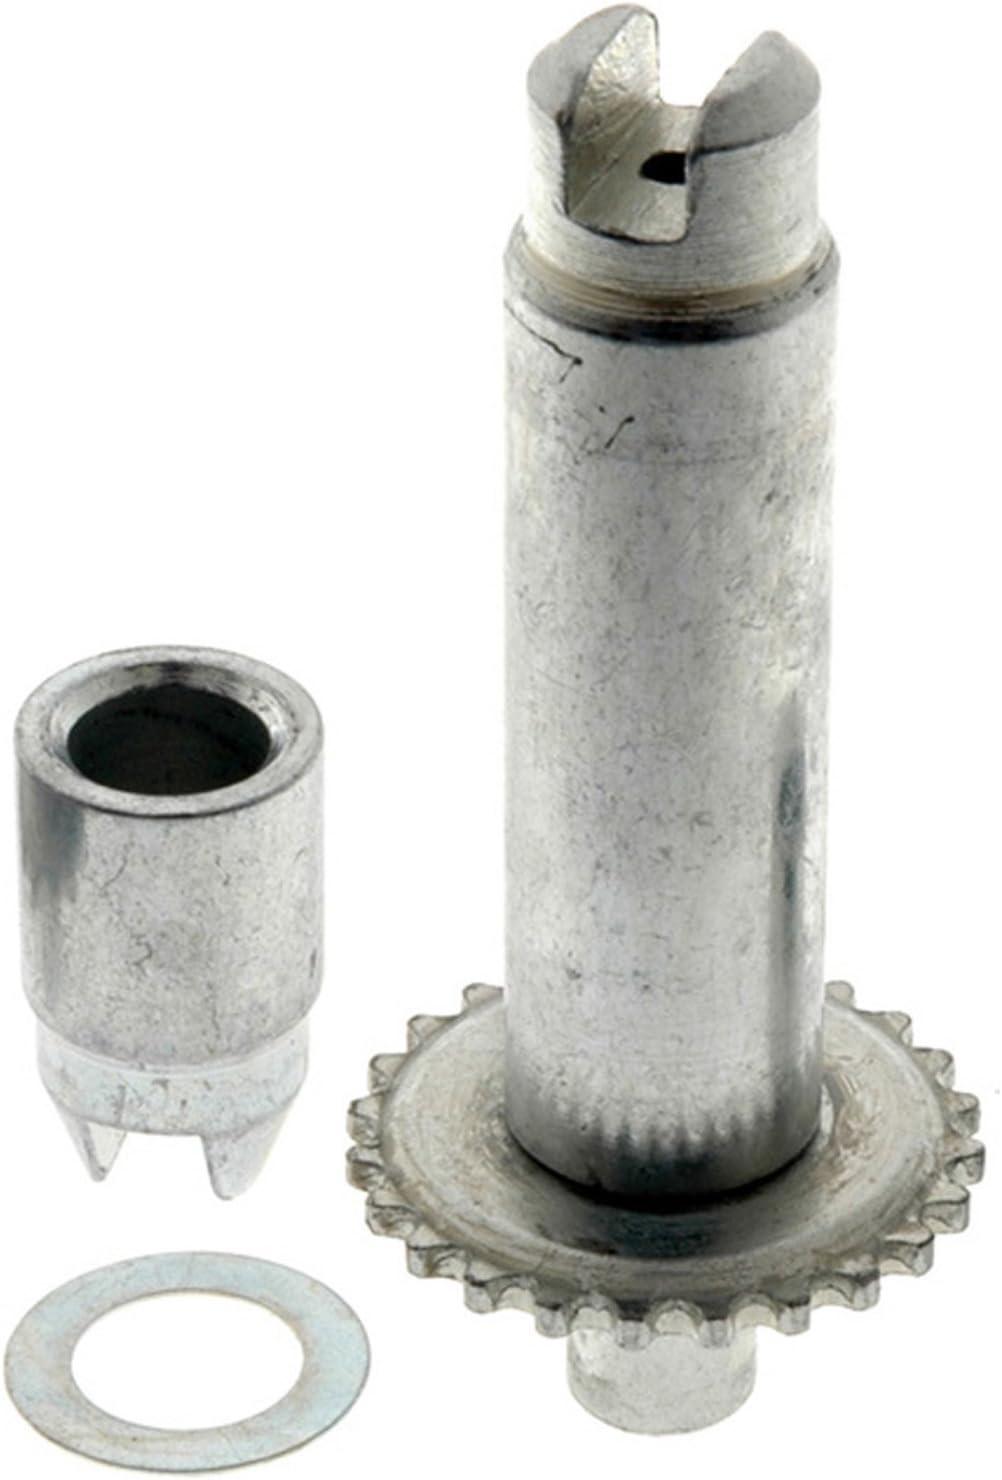 Drum Brake Adjusting Spring Kit-Brake Shoe Adjuster Kits Rear//Front-Left Centric